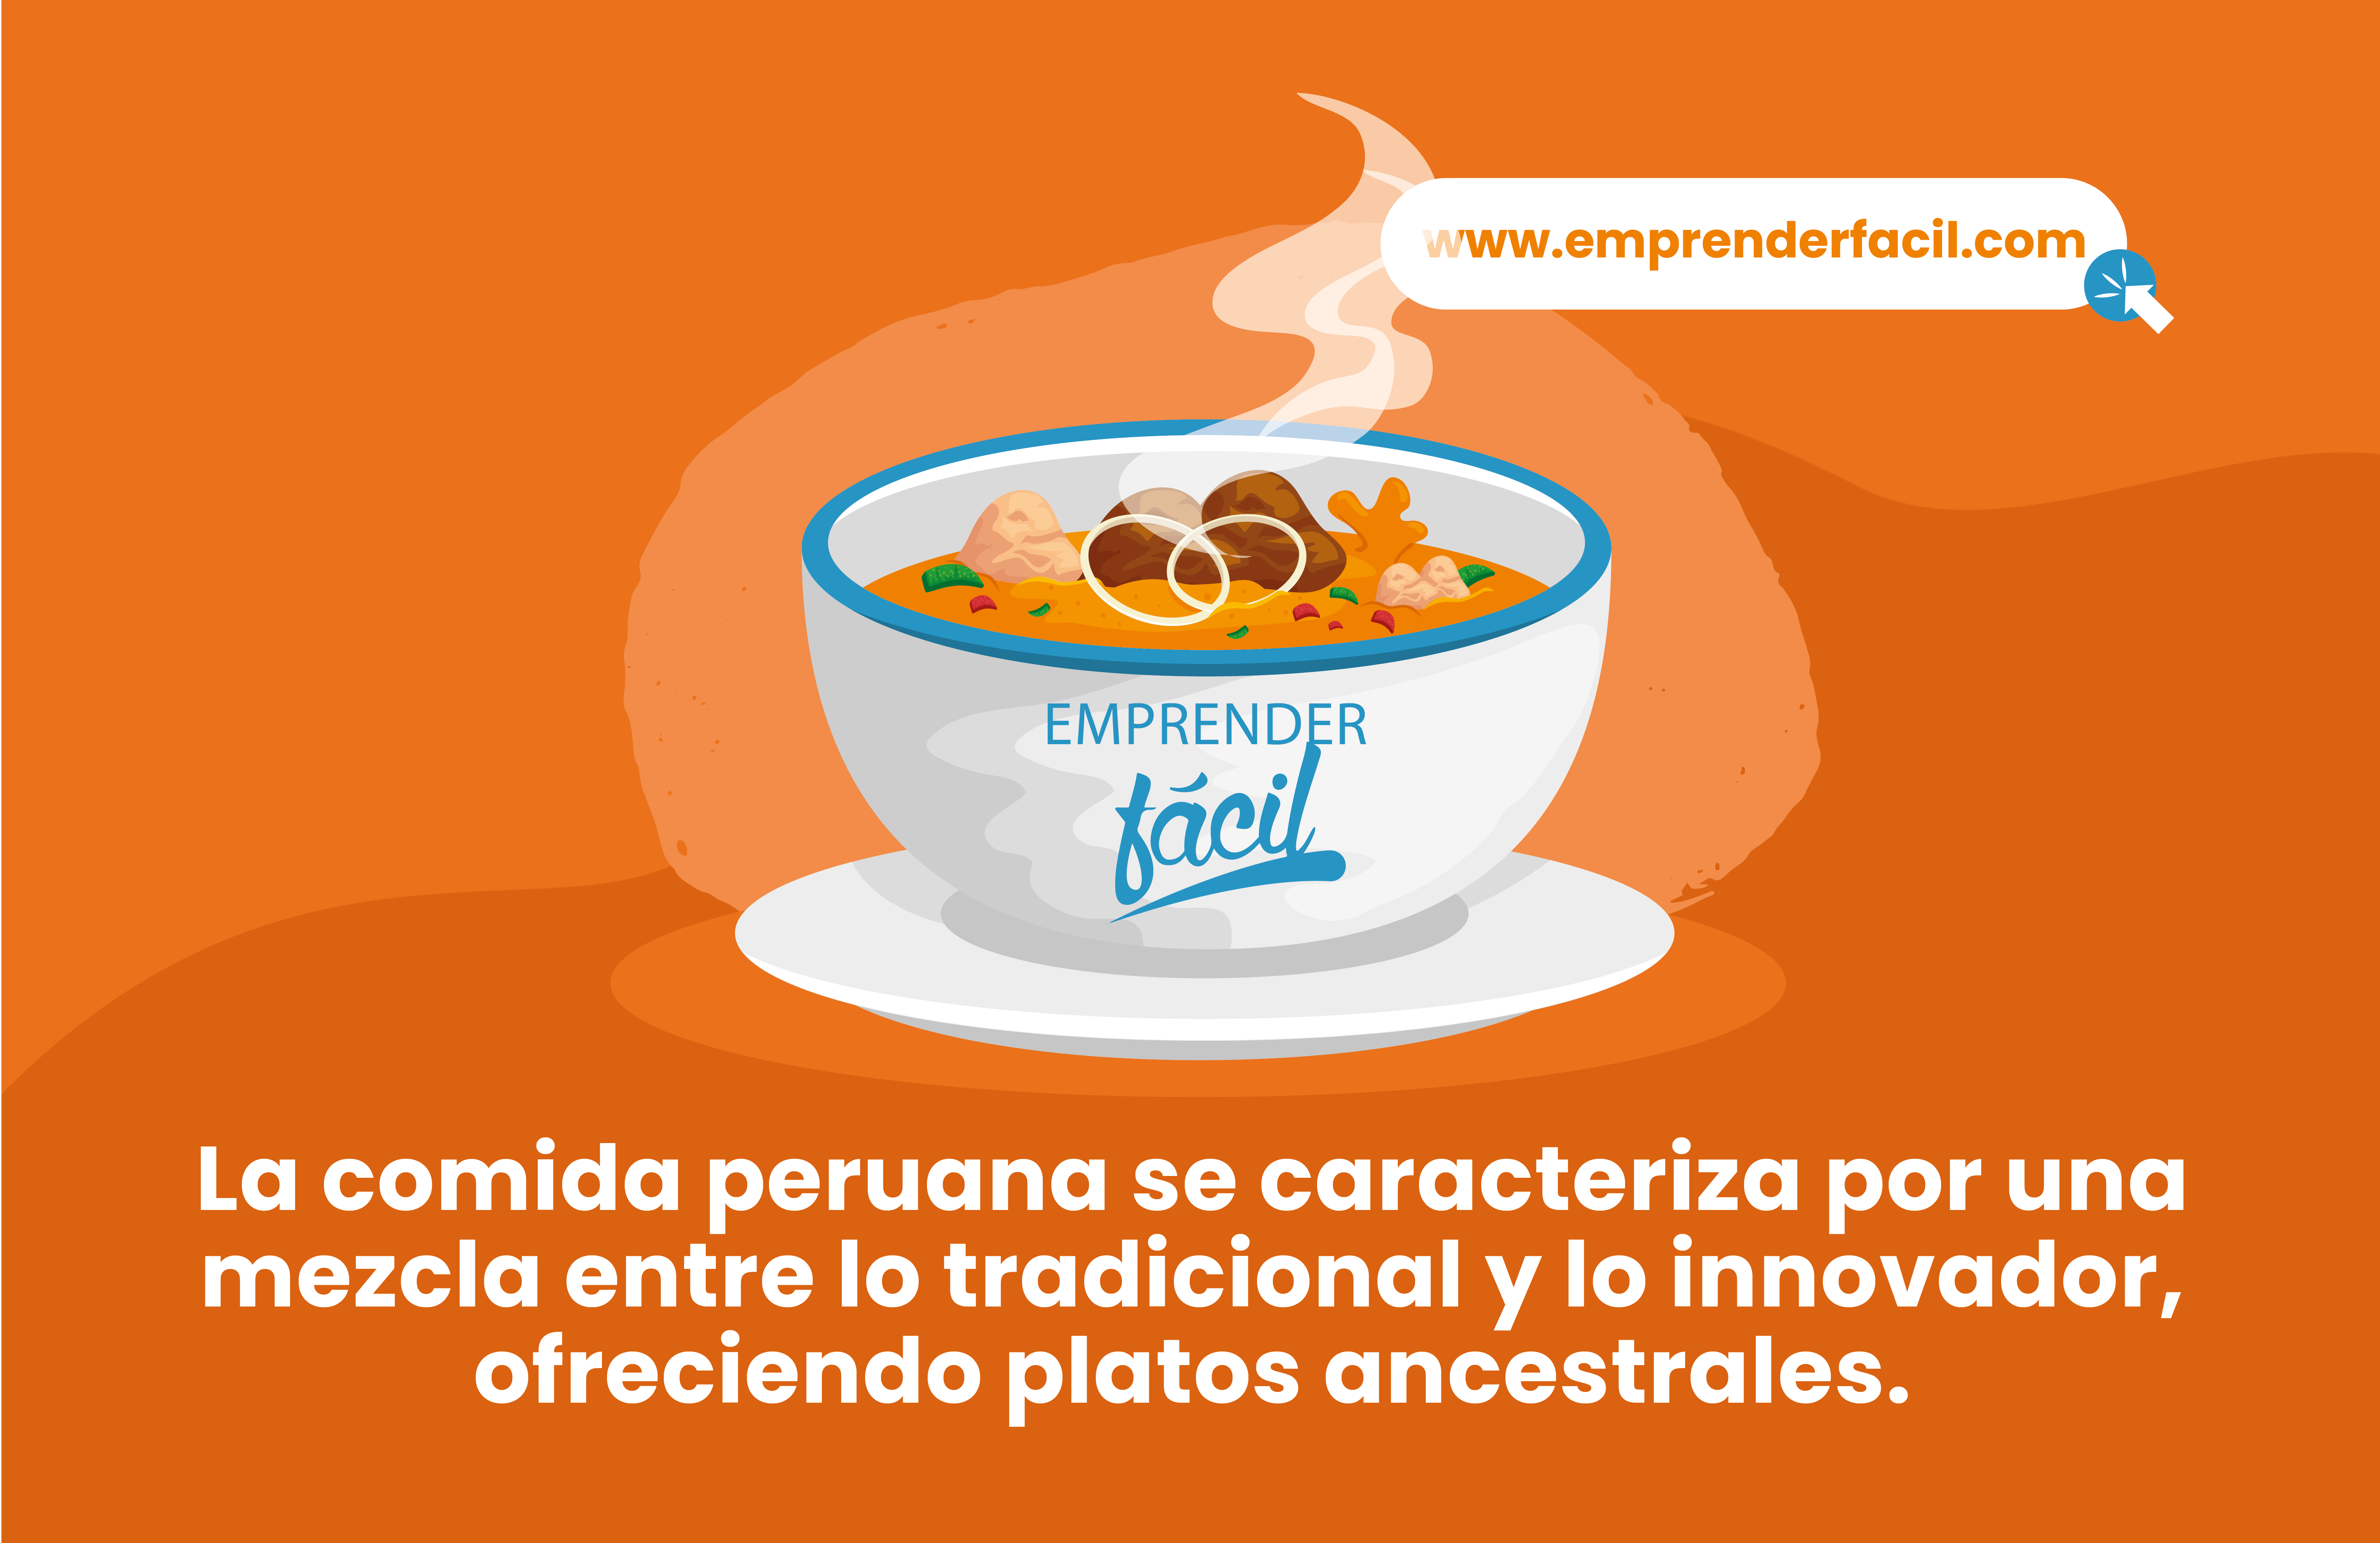 La comida peruana se caracteriza por una mezcla entre lo tradicional y lo innovador, ofreciendo platos ancestrales.